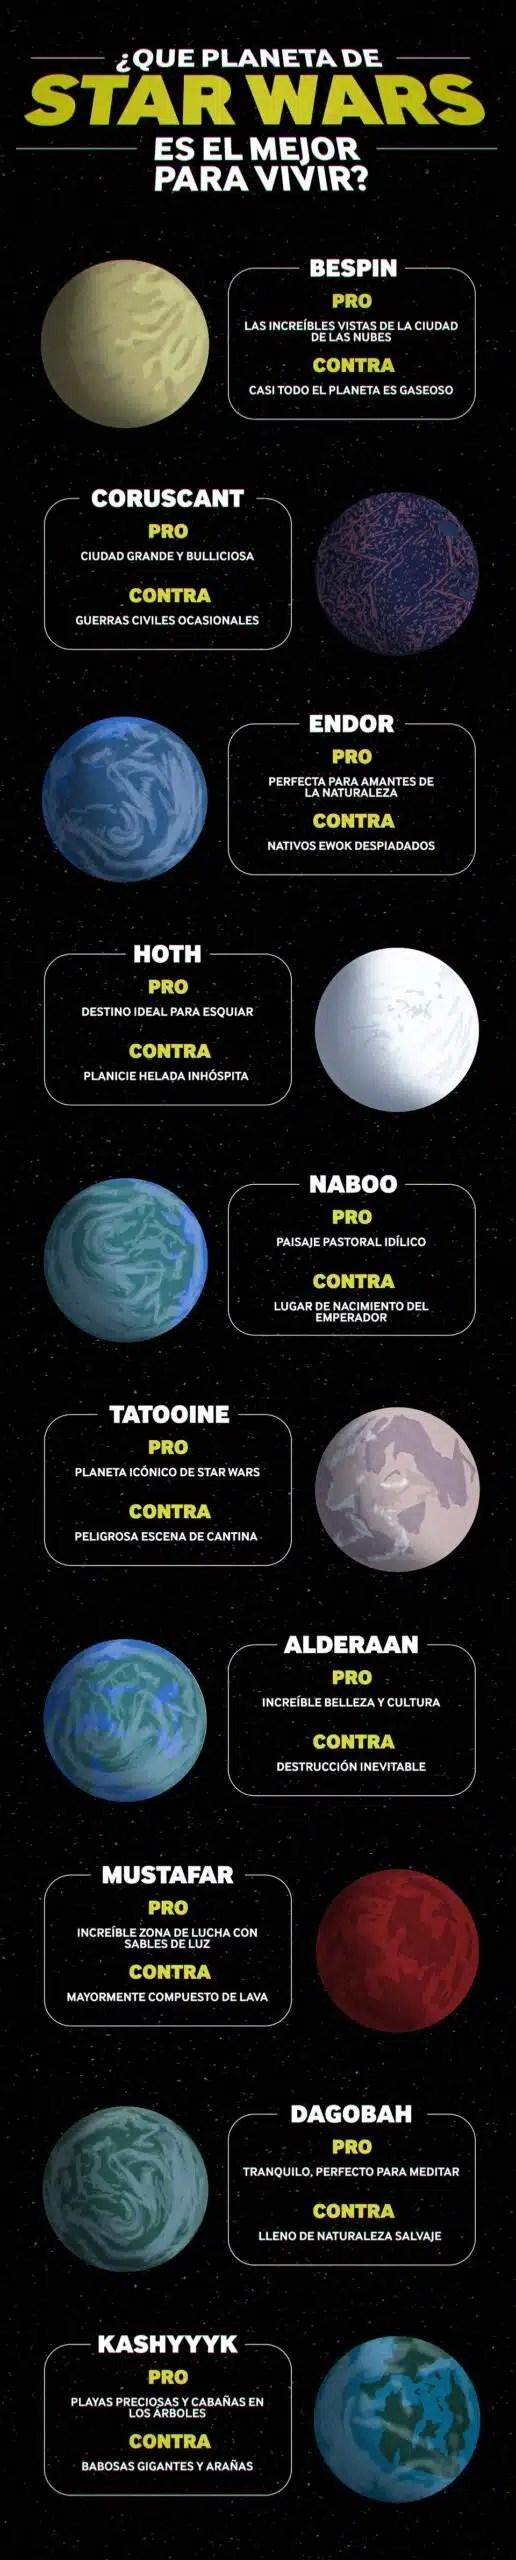 INFOGRAFIA galaxia de Star Wars